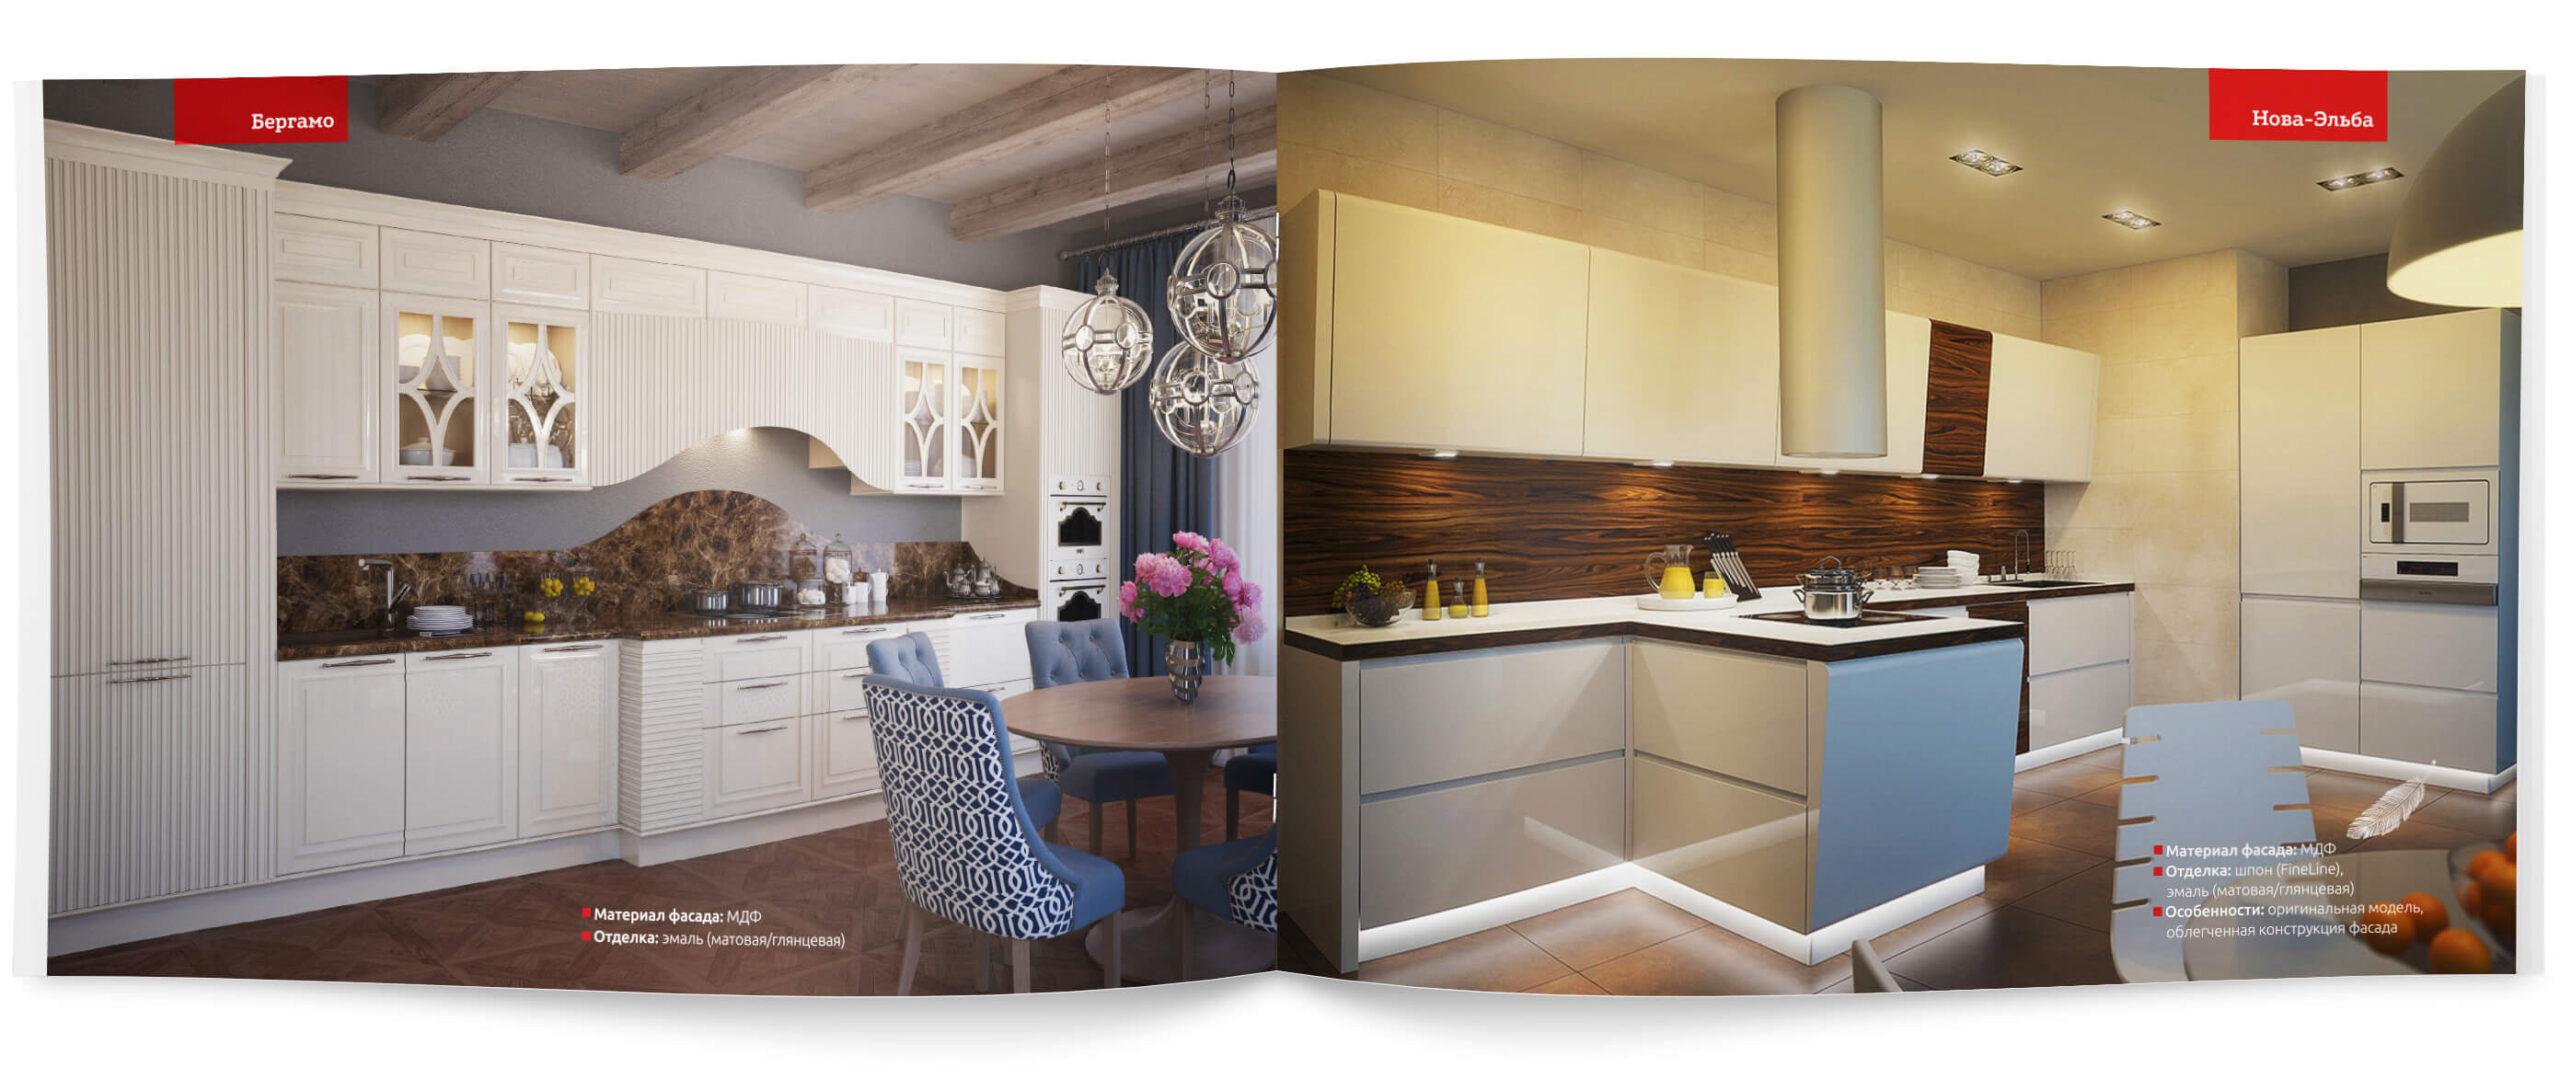 Каталог кухонных гарнитуров имебели «ADM»— 2021